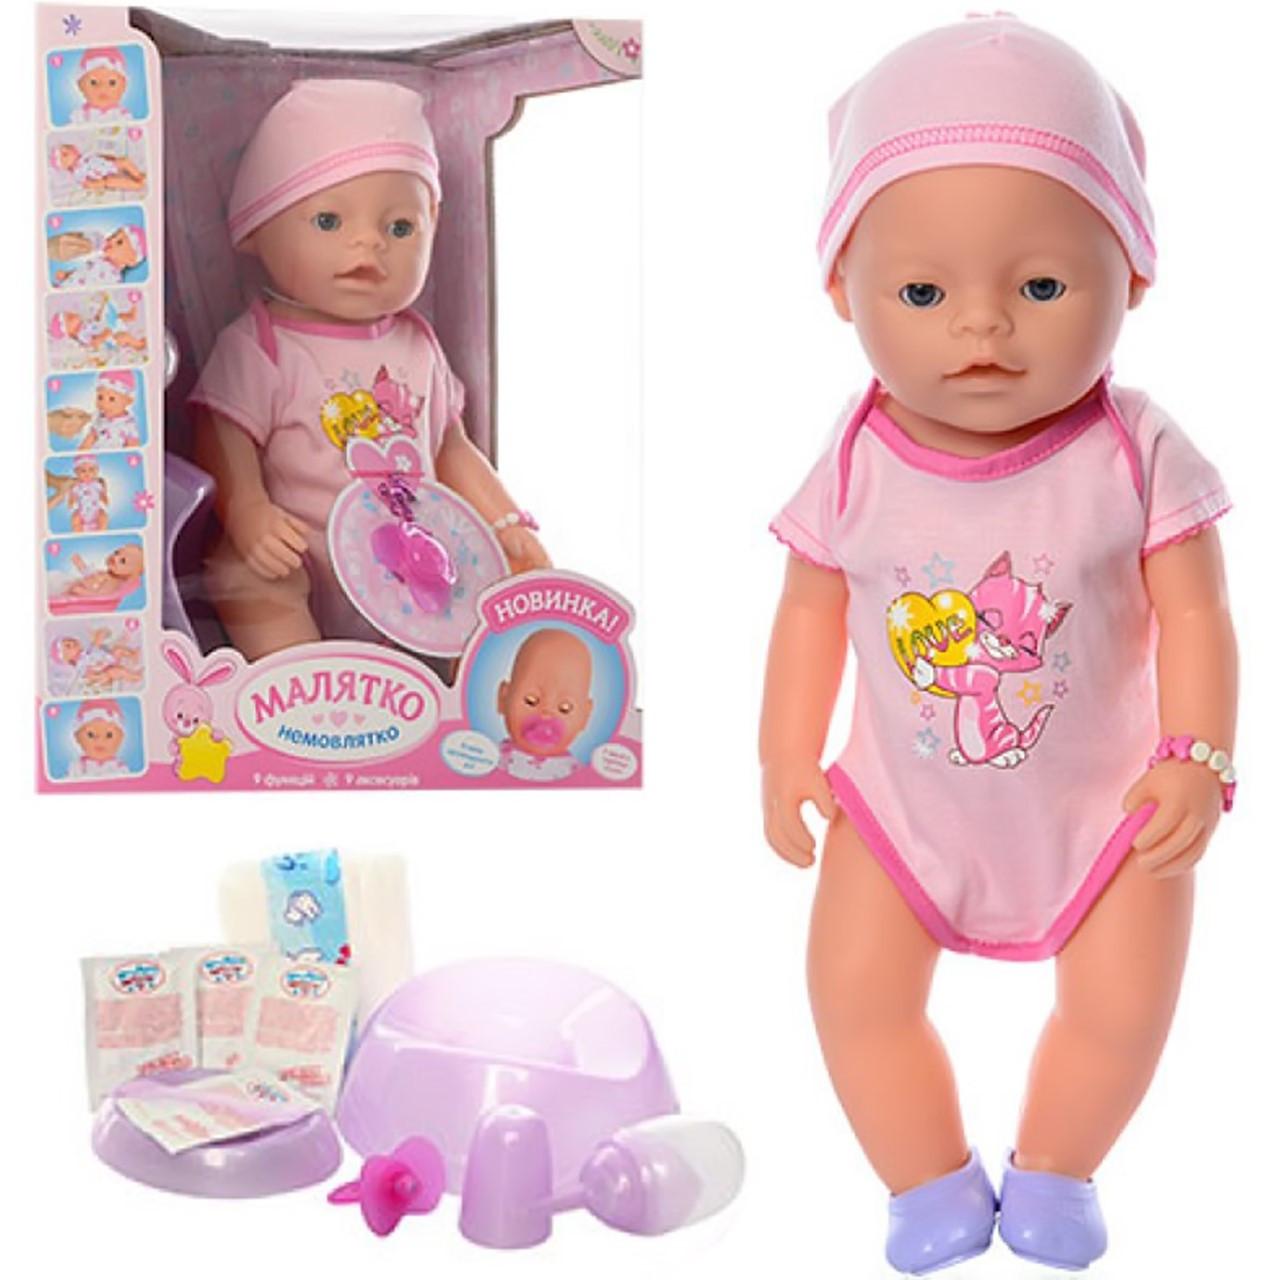 Лялька-пупс42см,горшок,підгузник,соска,тарілка,ложка,пляшечка,п'є-пісяє №8020-68A-S-RU(14)